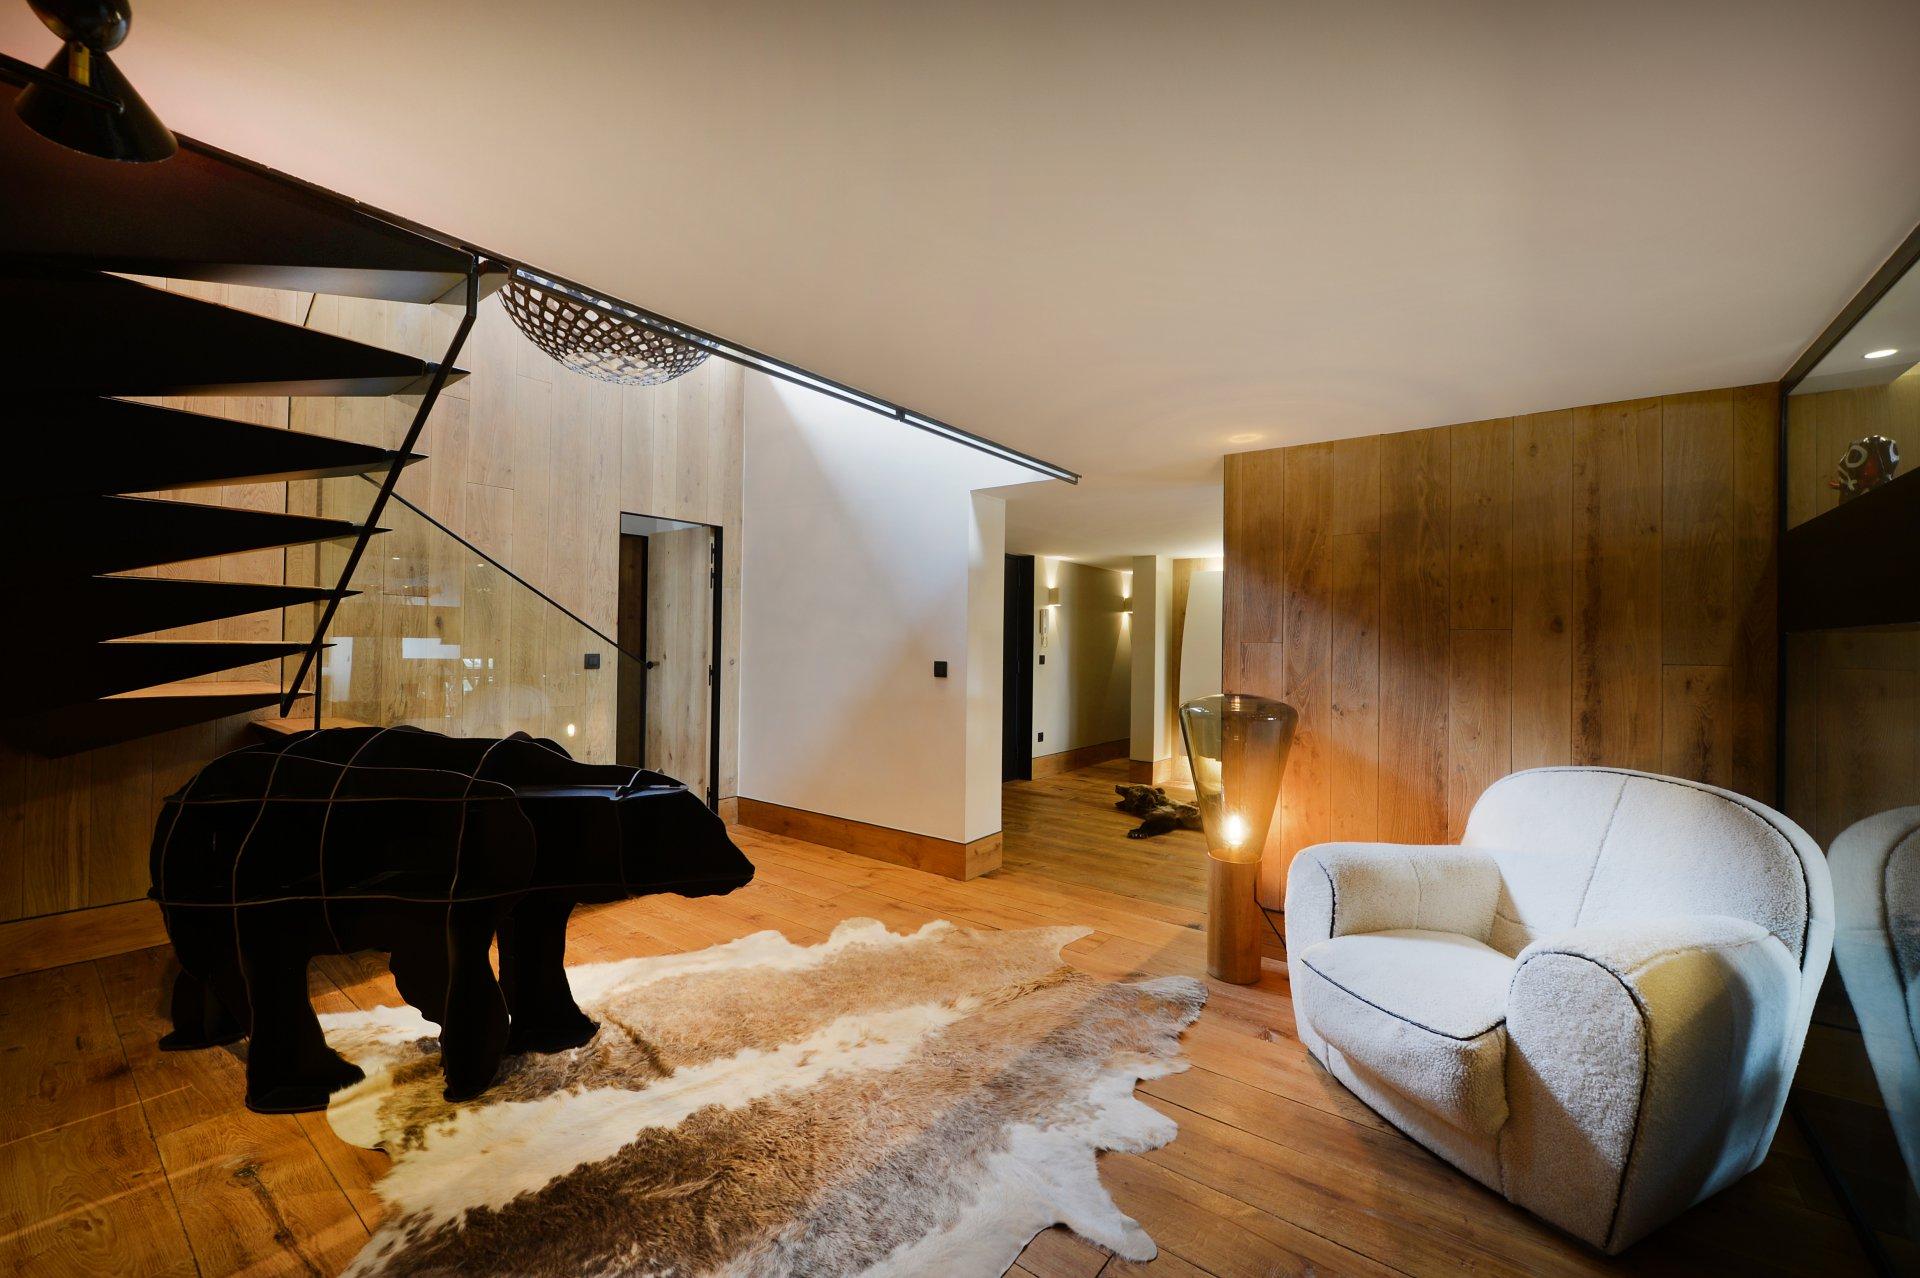 Anuncio venta piso meg ve 74120 5 habitaciones john for Piso 5 habitaciones